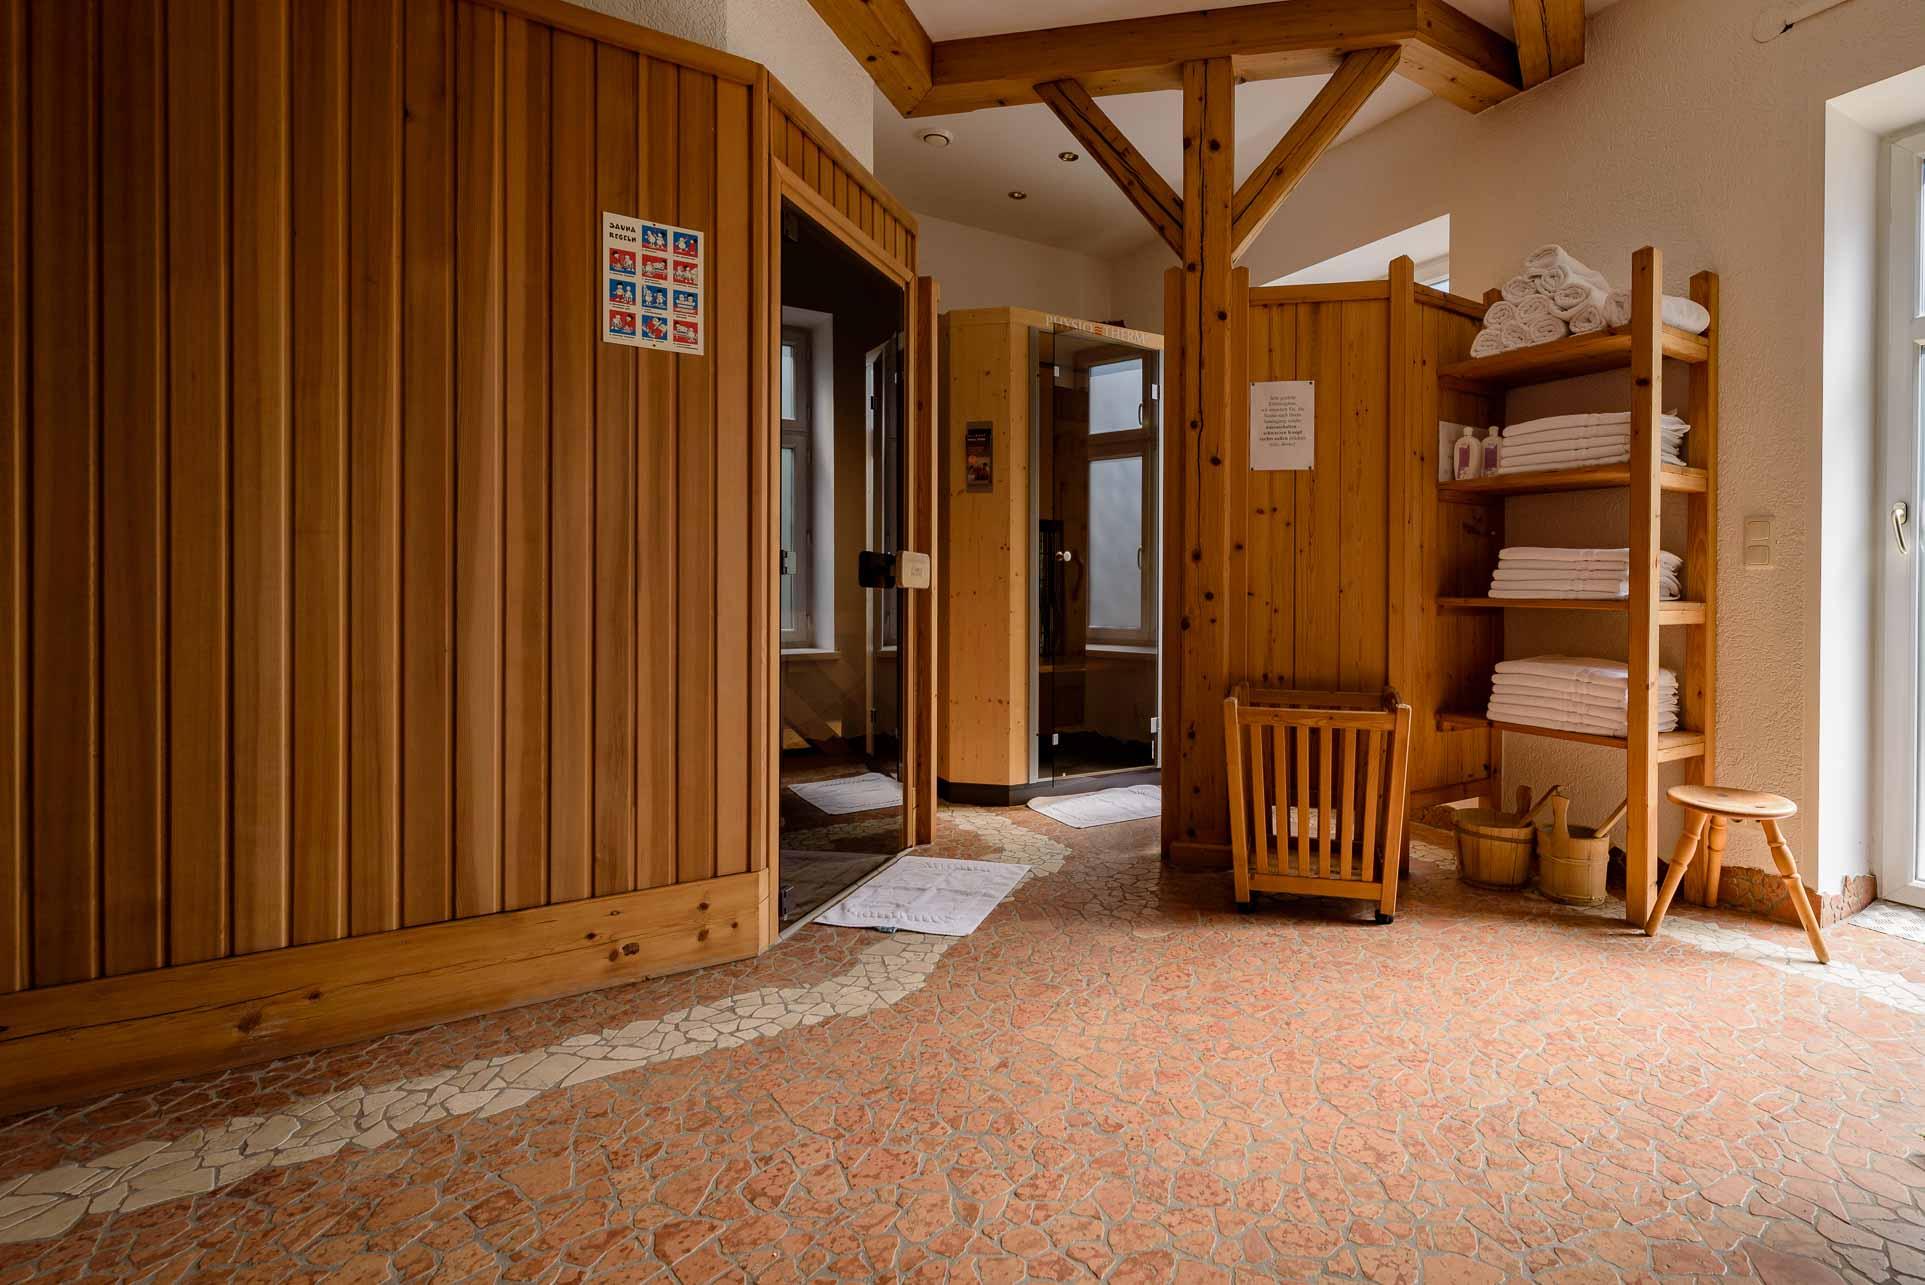 Hotel Almtalerhof Sauna 76725